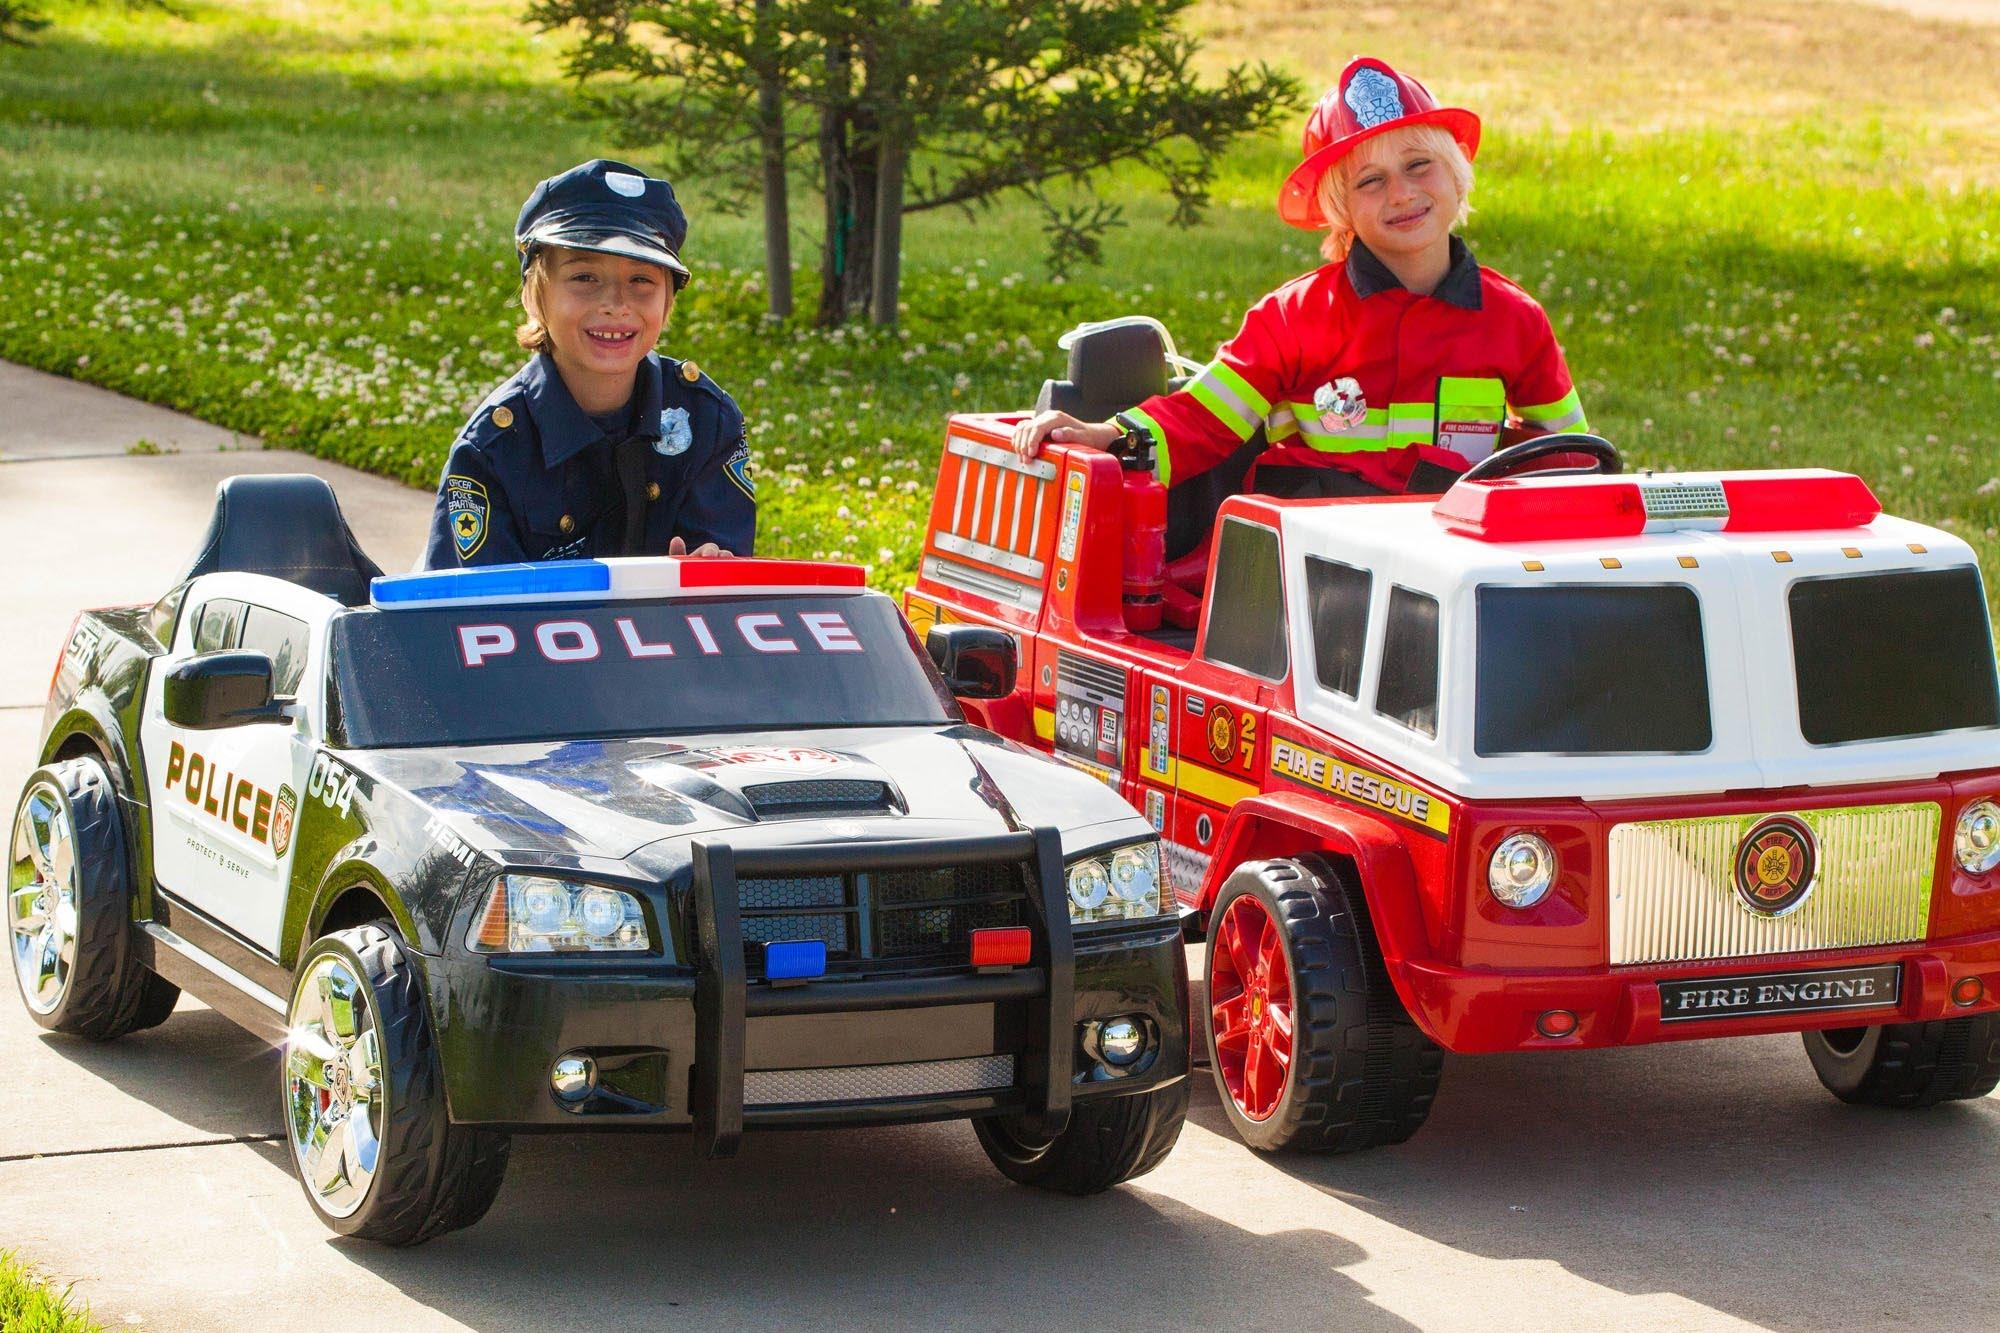 بالصور صور سيارات اطفال , كوليكشن صور جميل لسيارات الاطفال 5736 9